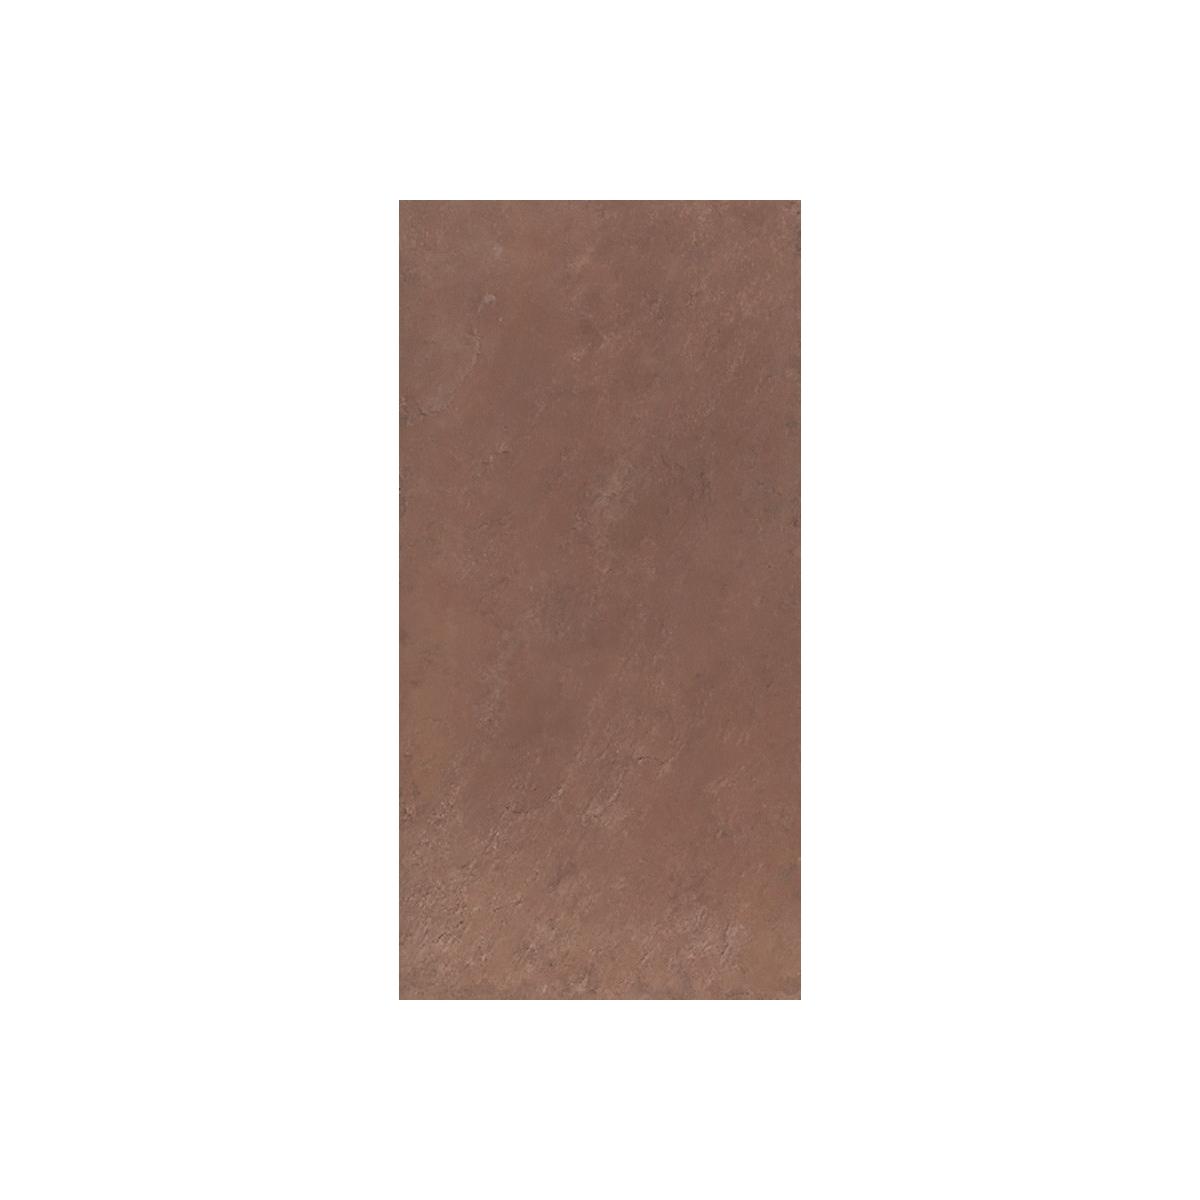 Pizarra natural flexible FS6008 / FT3008 (ud) 0